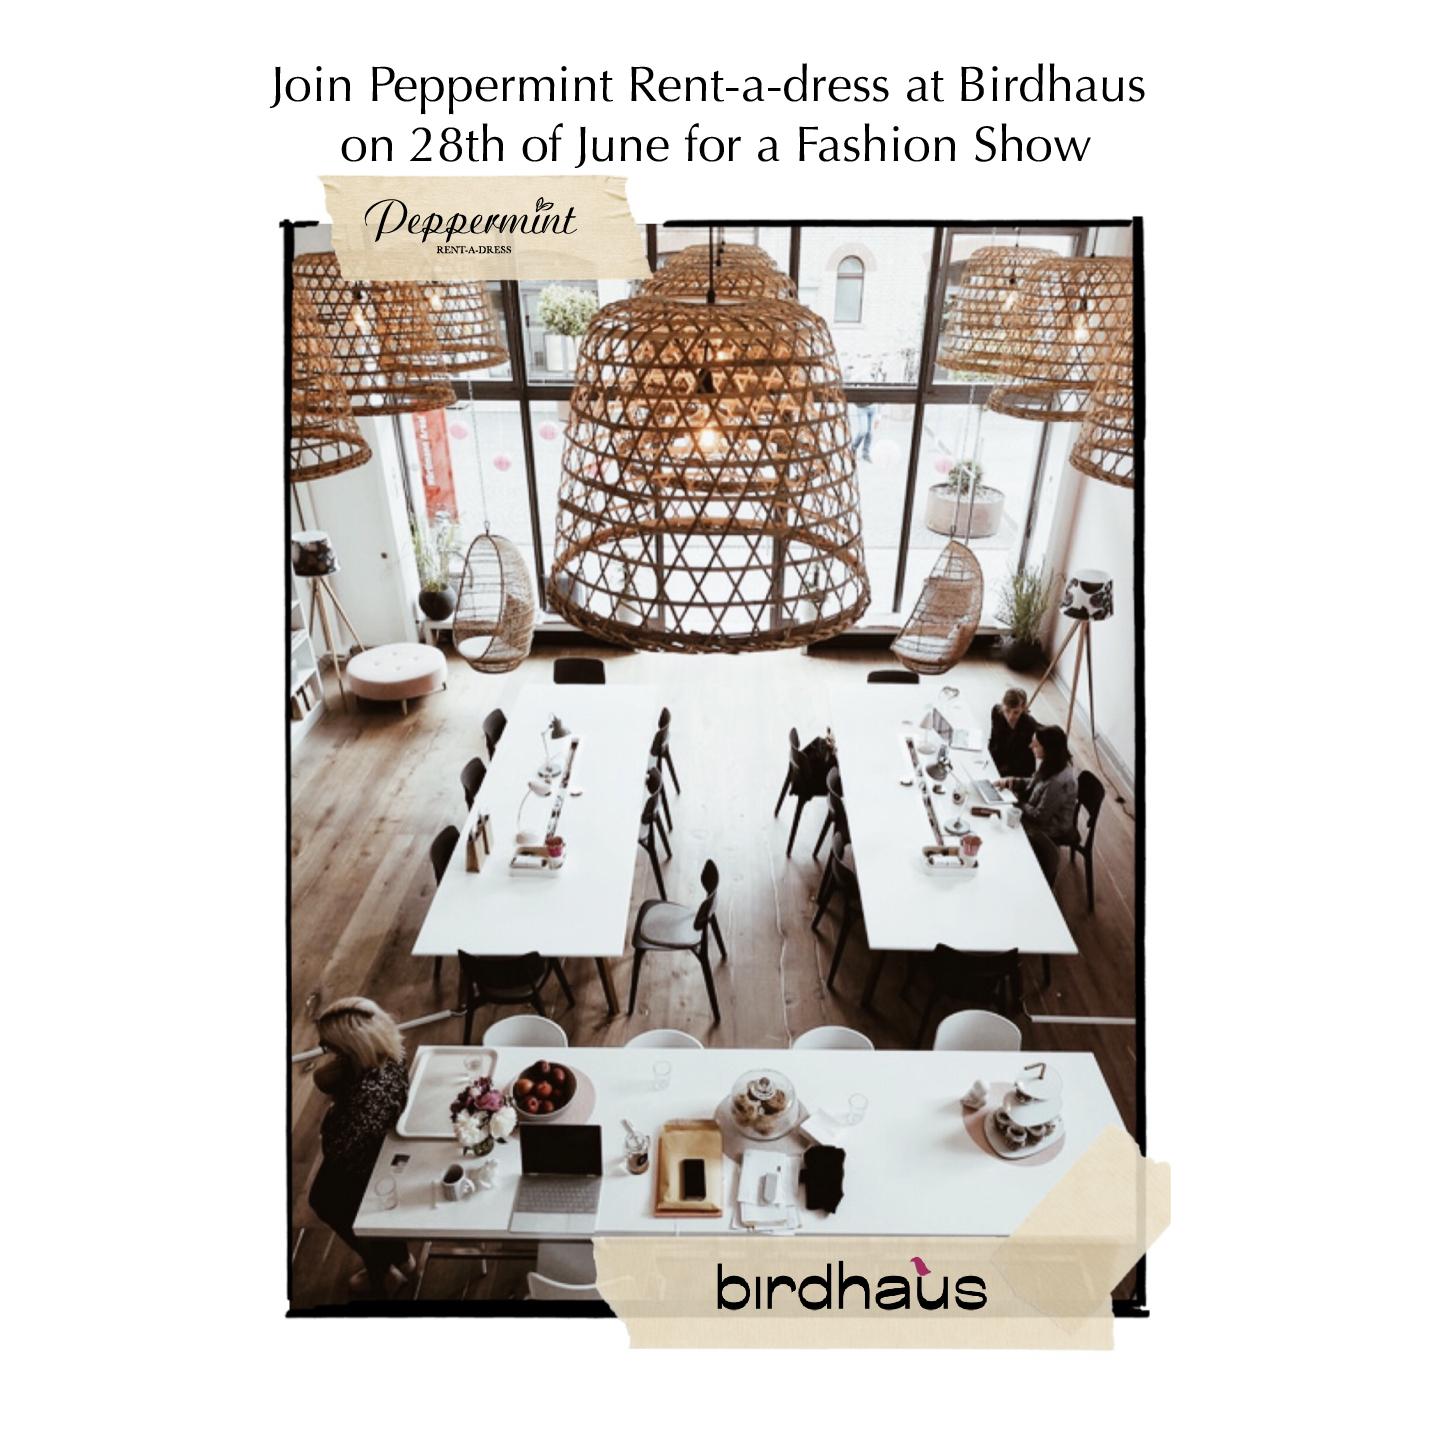 Birdhaus_Event_InstaFeed